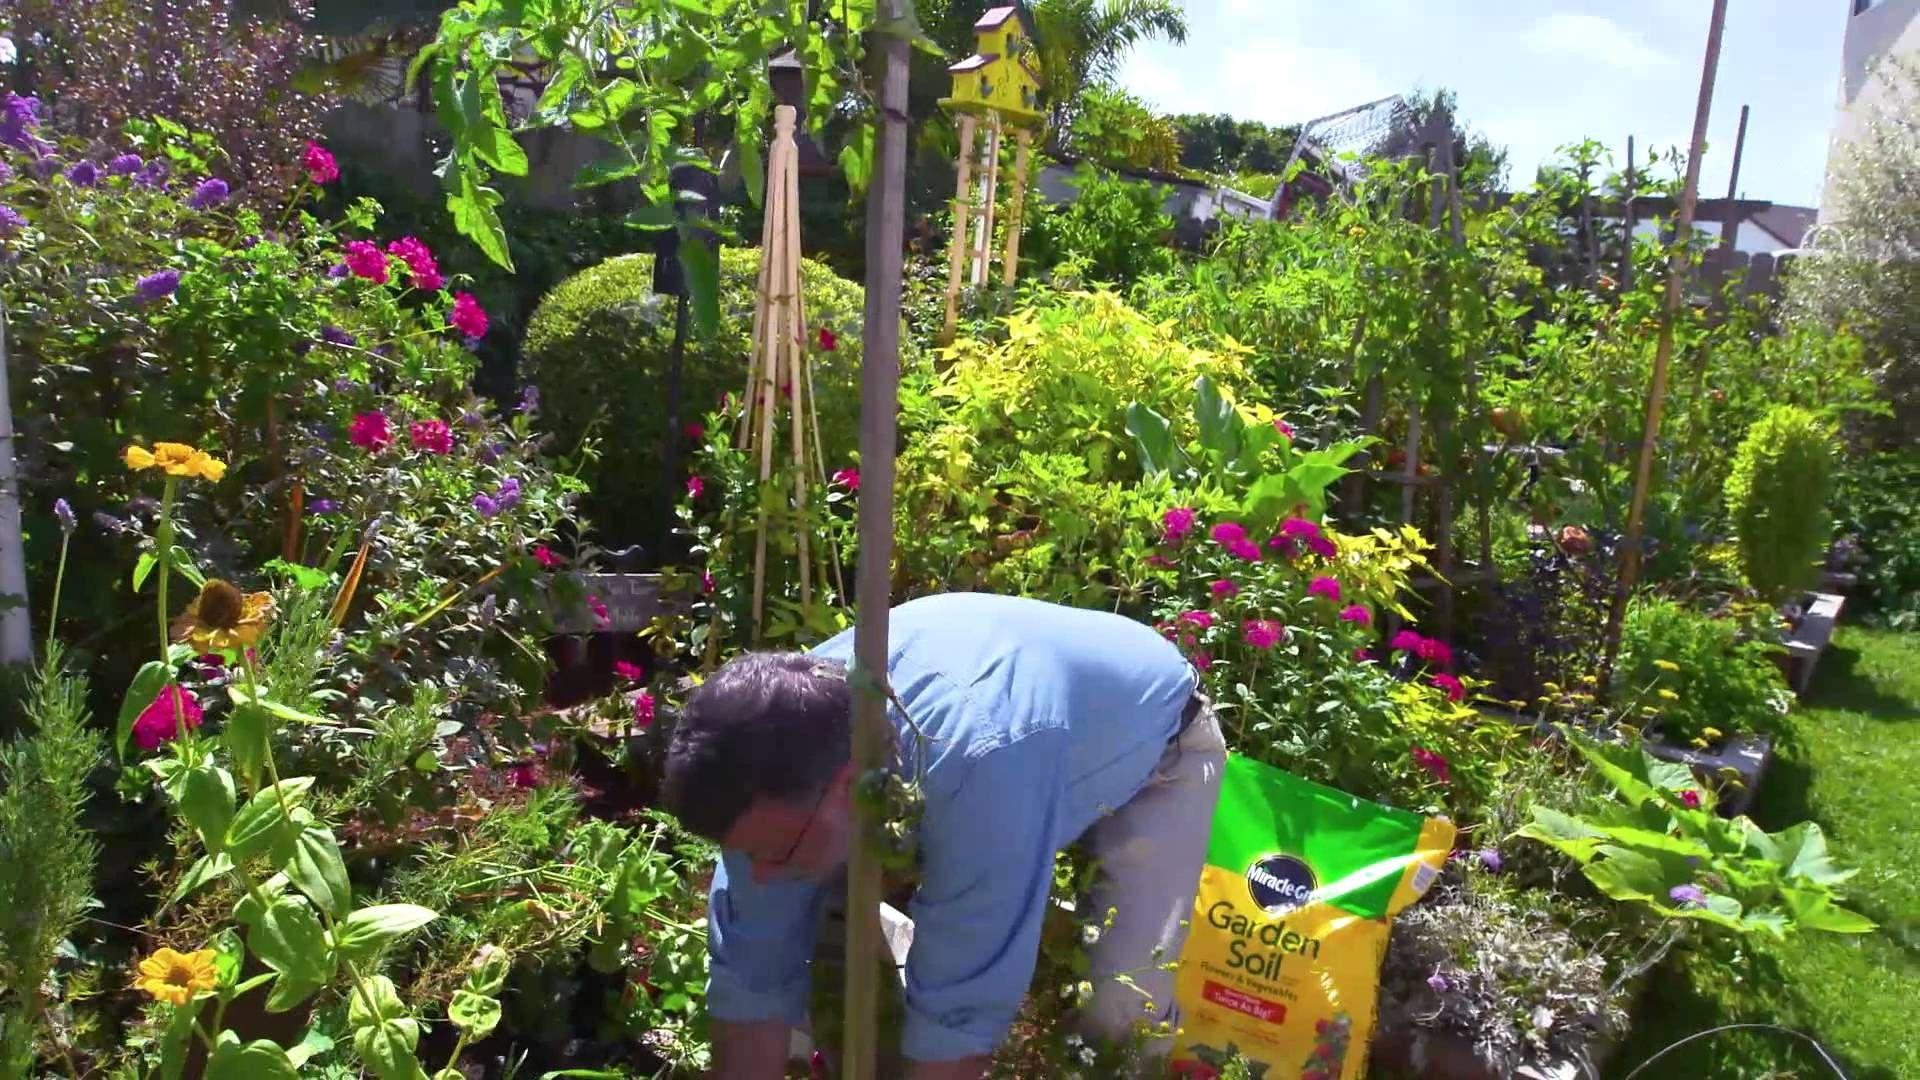 In Ground Gardening With Ashton Ritchie Ace Hardware Garden